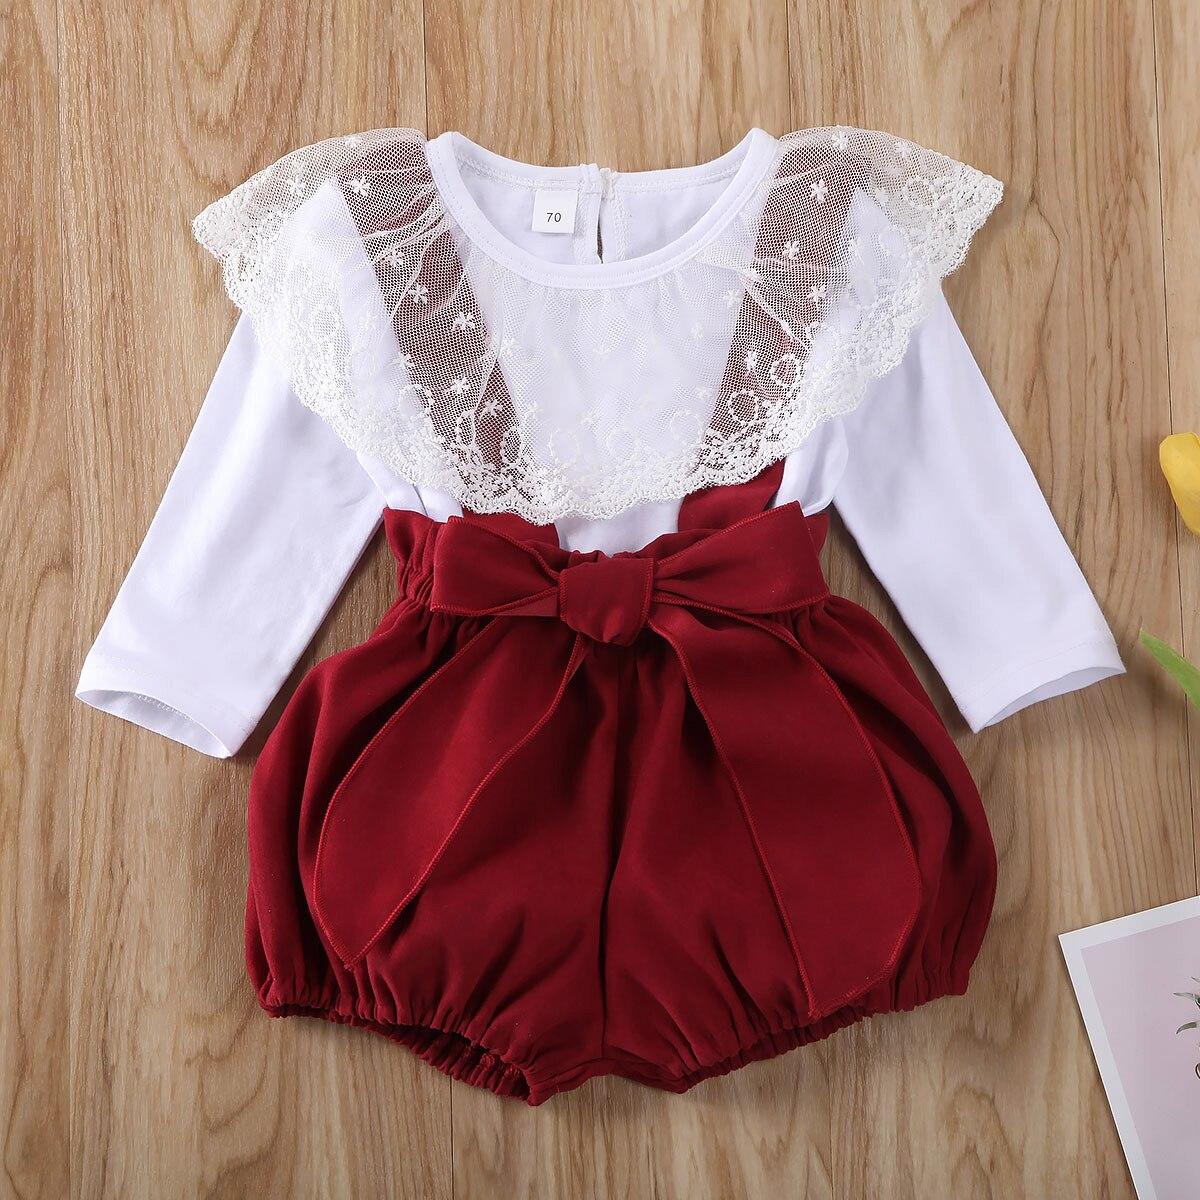 Одежда для новорожденных девочек Pudcoco, однотонные кружевные топы с рюшами и длинным рукавом, шорты на бретельках, комбинезоны, комплекты из 2 предметов, хлопковая одежда